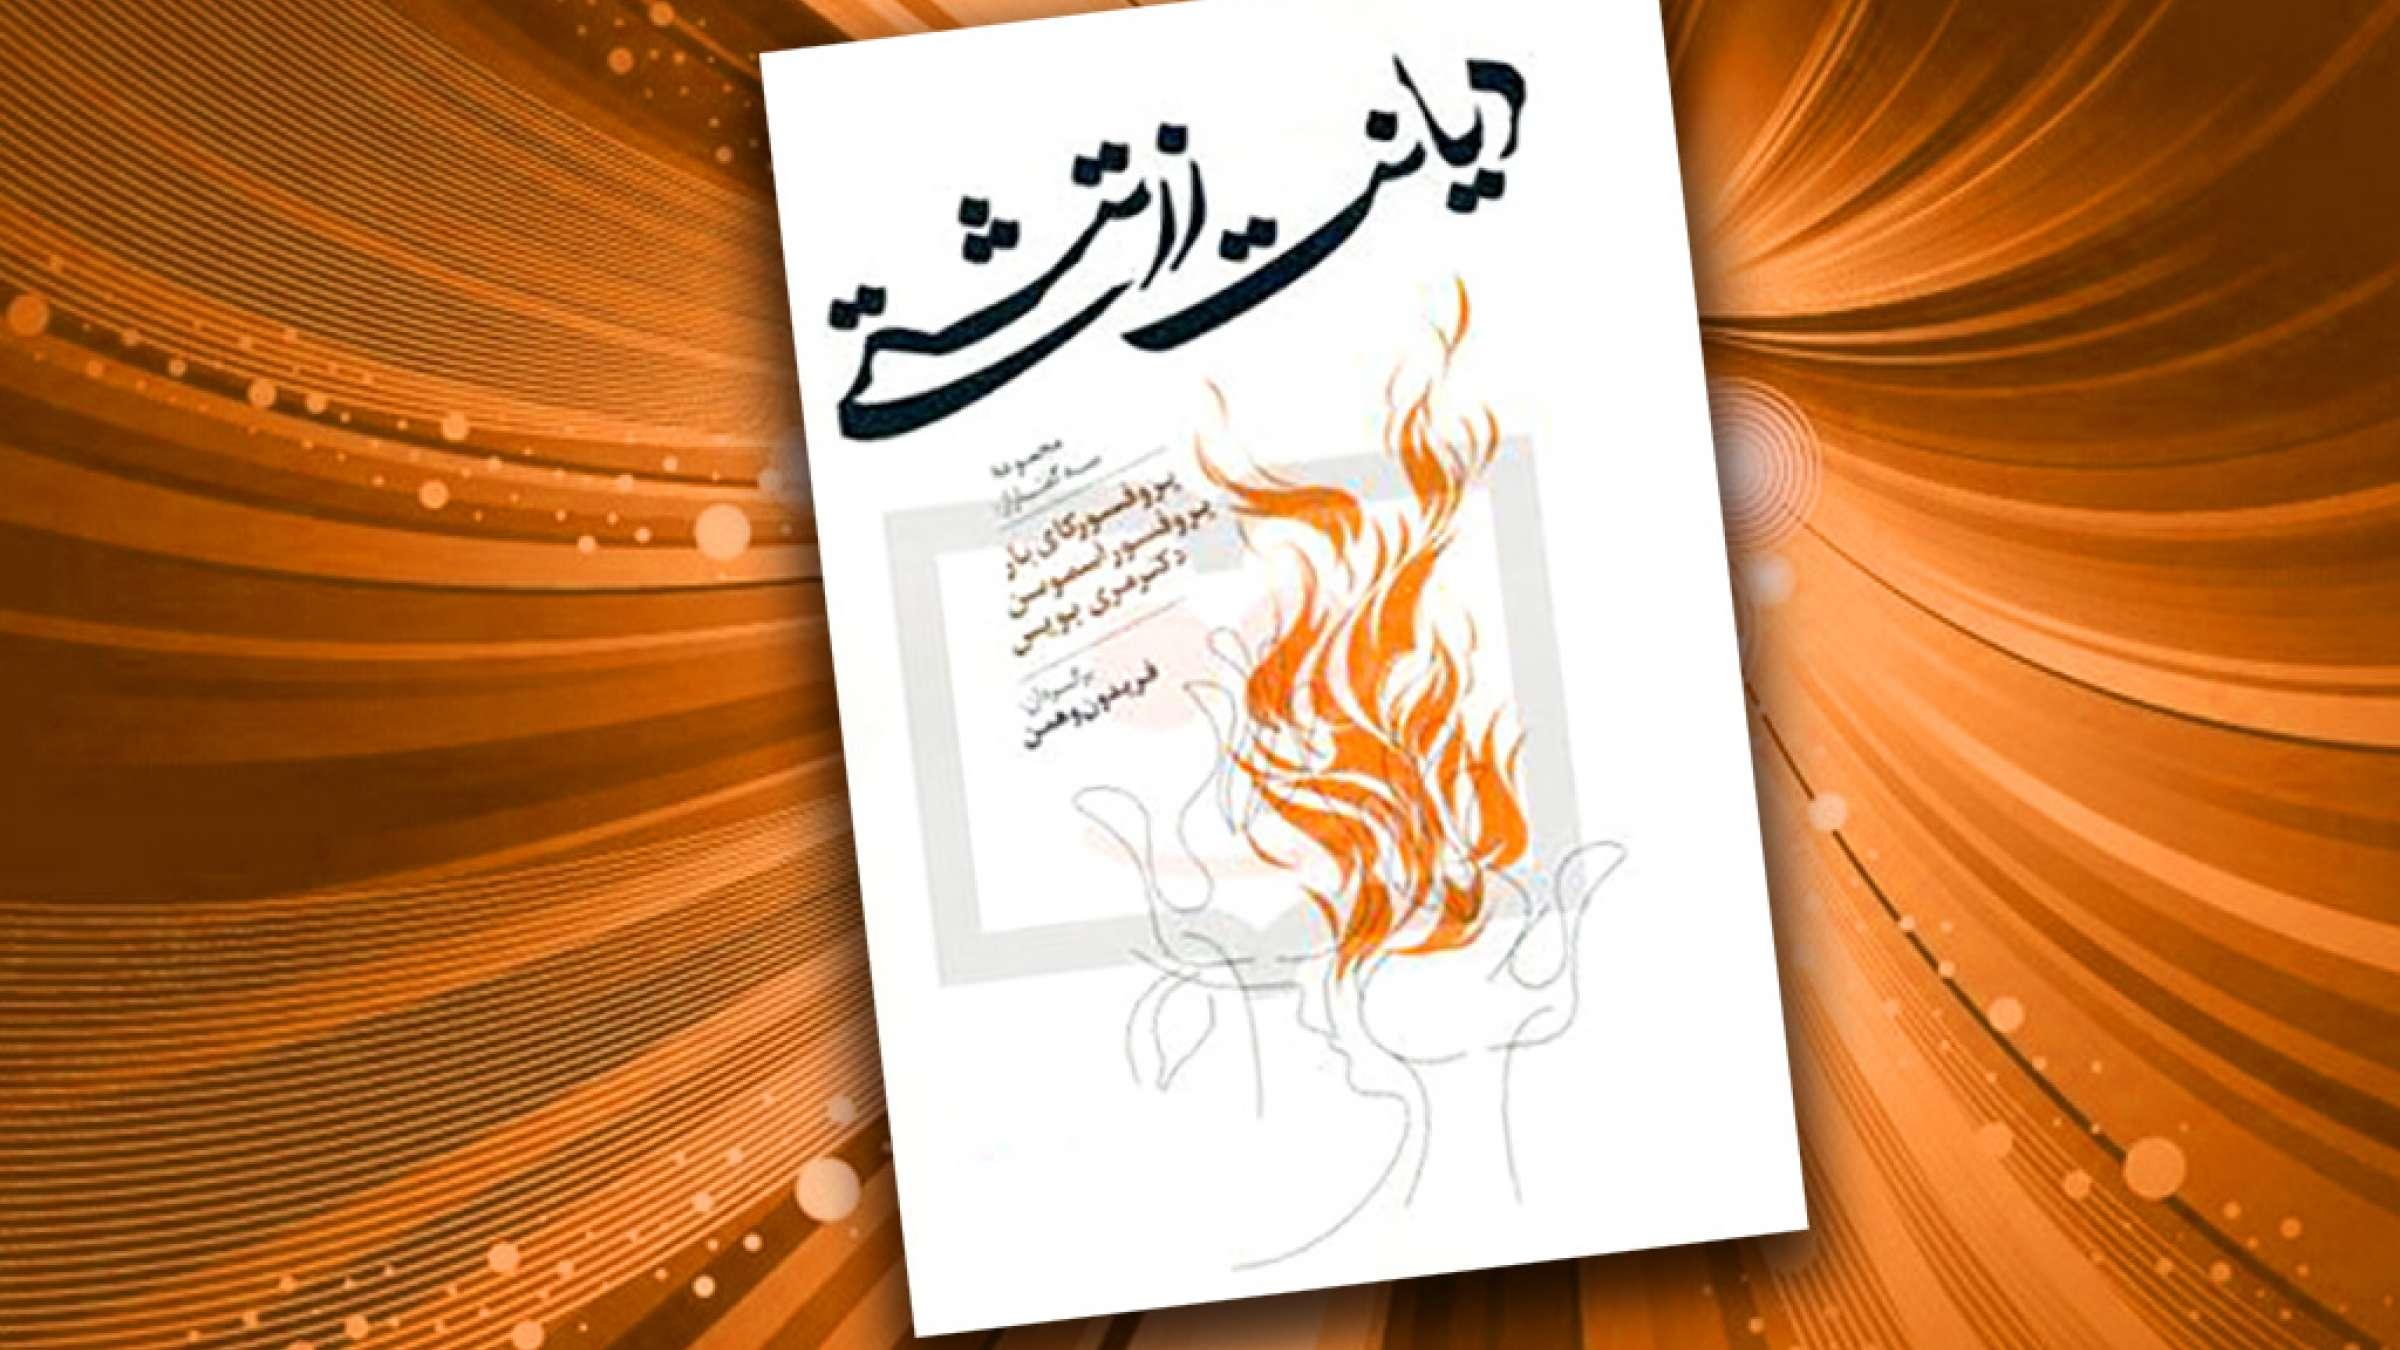 history-akhtari-Kay-Barr-Zartosht